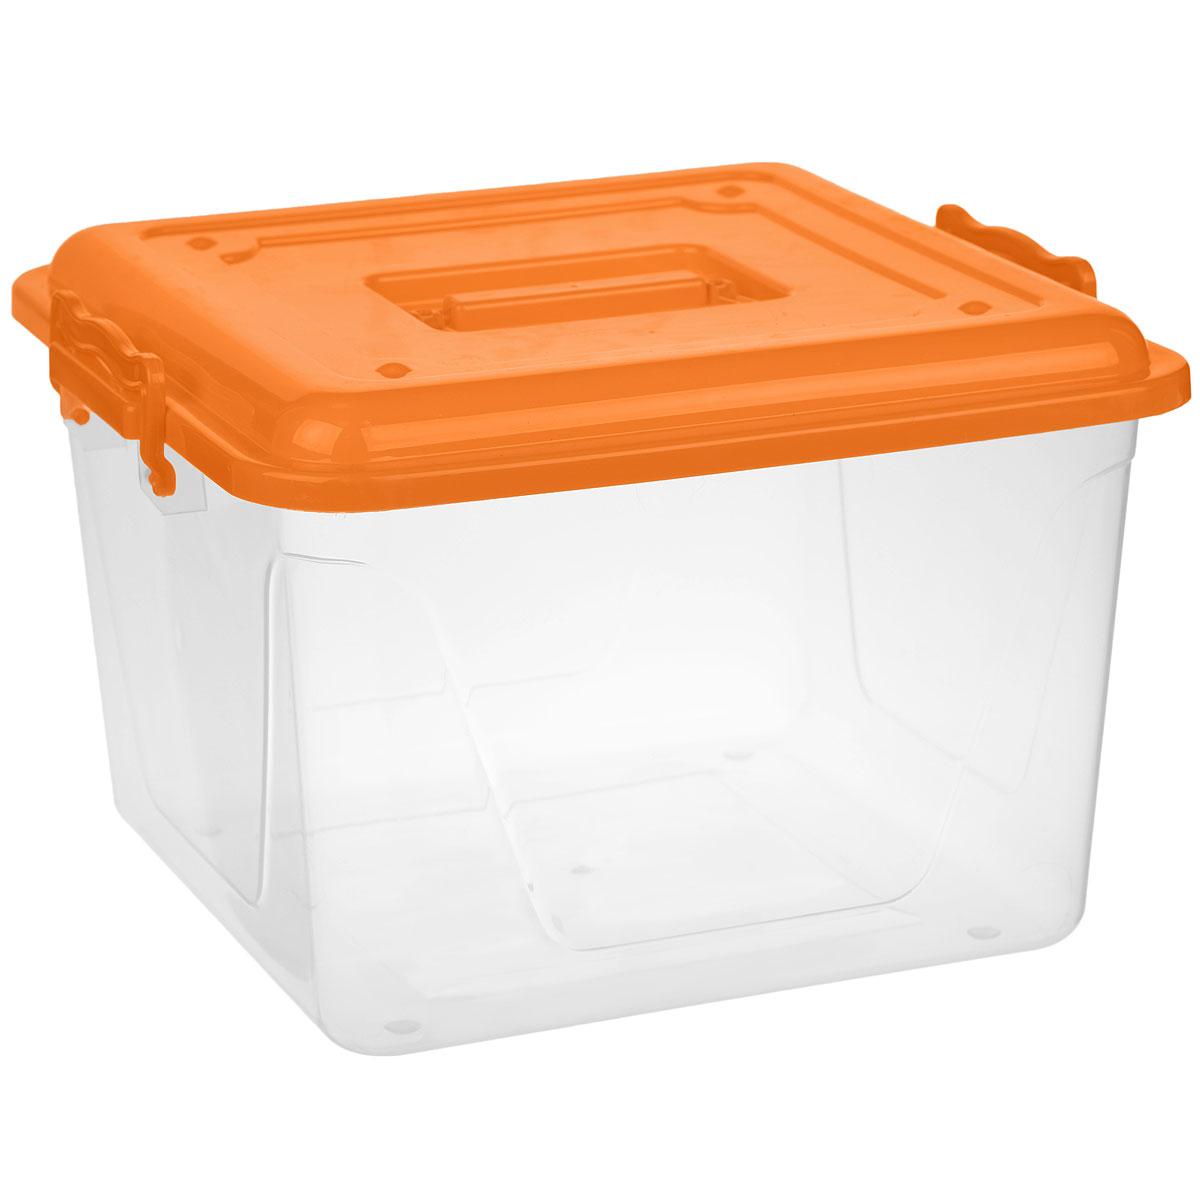 Контейнер Альтернатива, цвет: оранжевый, прозрачный, 15 лPANTERA SPX-2RSКонтейнер Альтернатива выполнен из прочного цветного пластика ипредназначен для хранения различных бытовых вещей и продуктов.Контейнер оснащен по бокам ручками, которые плотно закрывают крышку контейнера. Также на крышке имеется ручка для удобной переноски. Контейнер поможет хранить все в одном месте и защитить вещи от пыли, грязи и влаги.